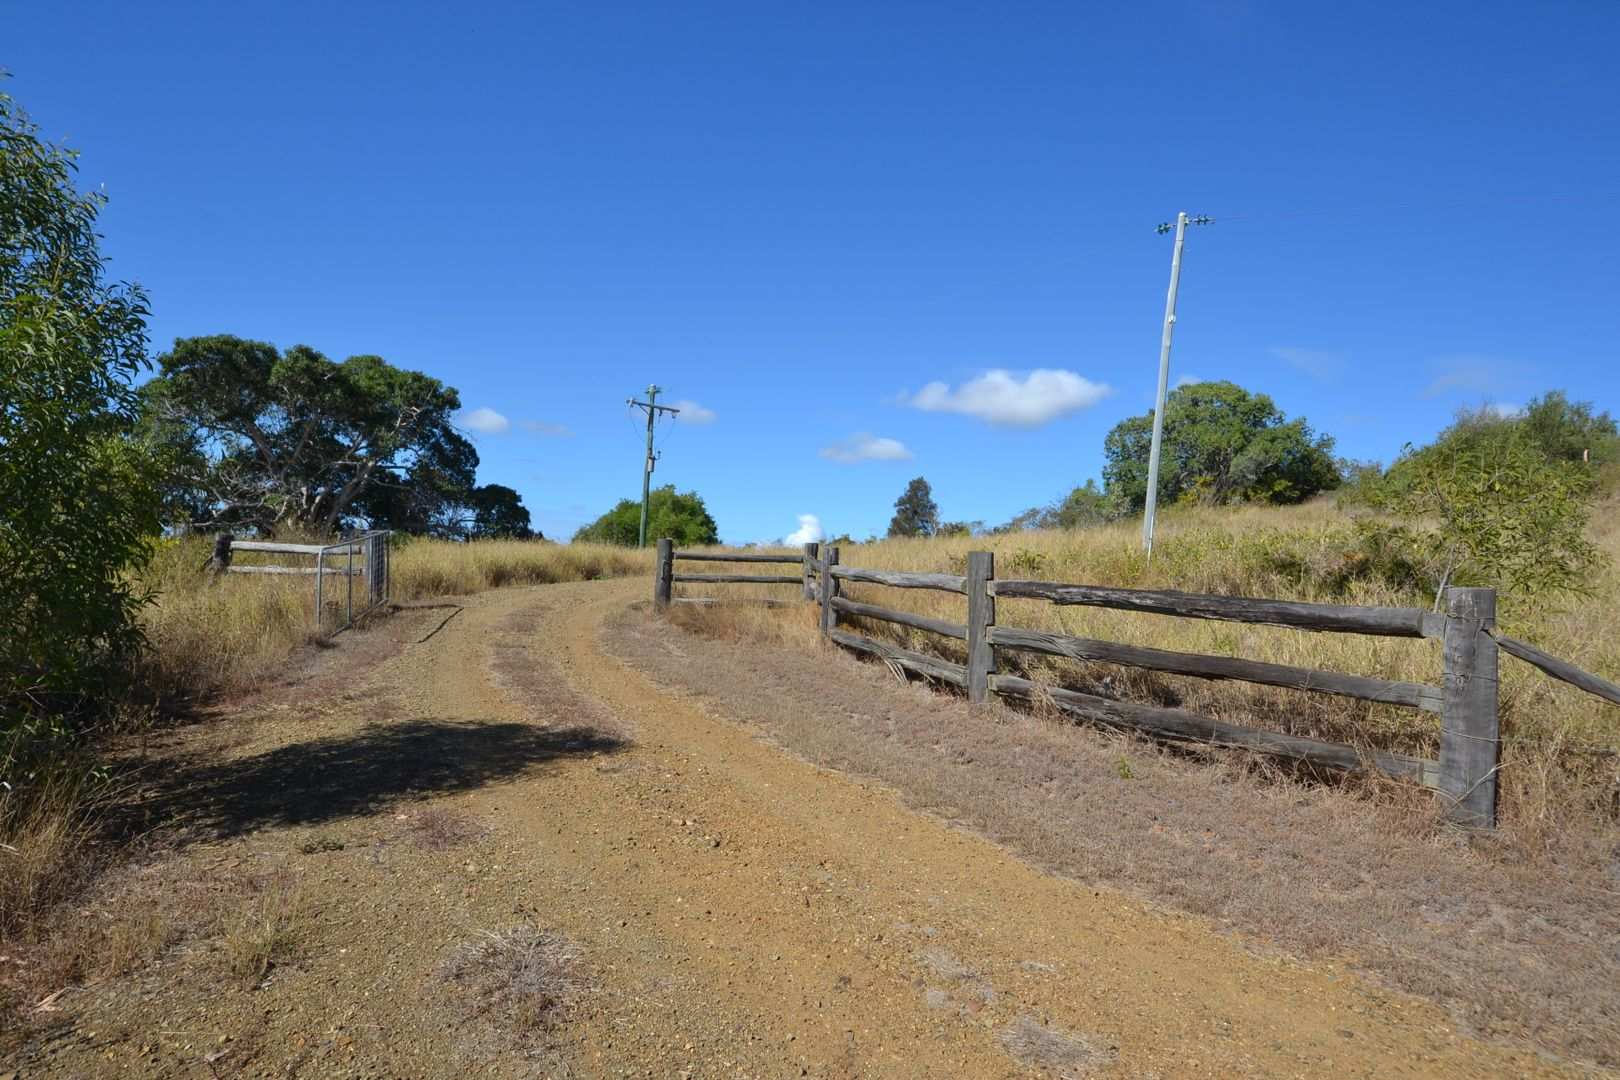 1327 Stanwell-waroula Rd, Dalma QLD 4702, Image 1